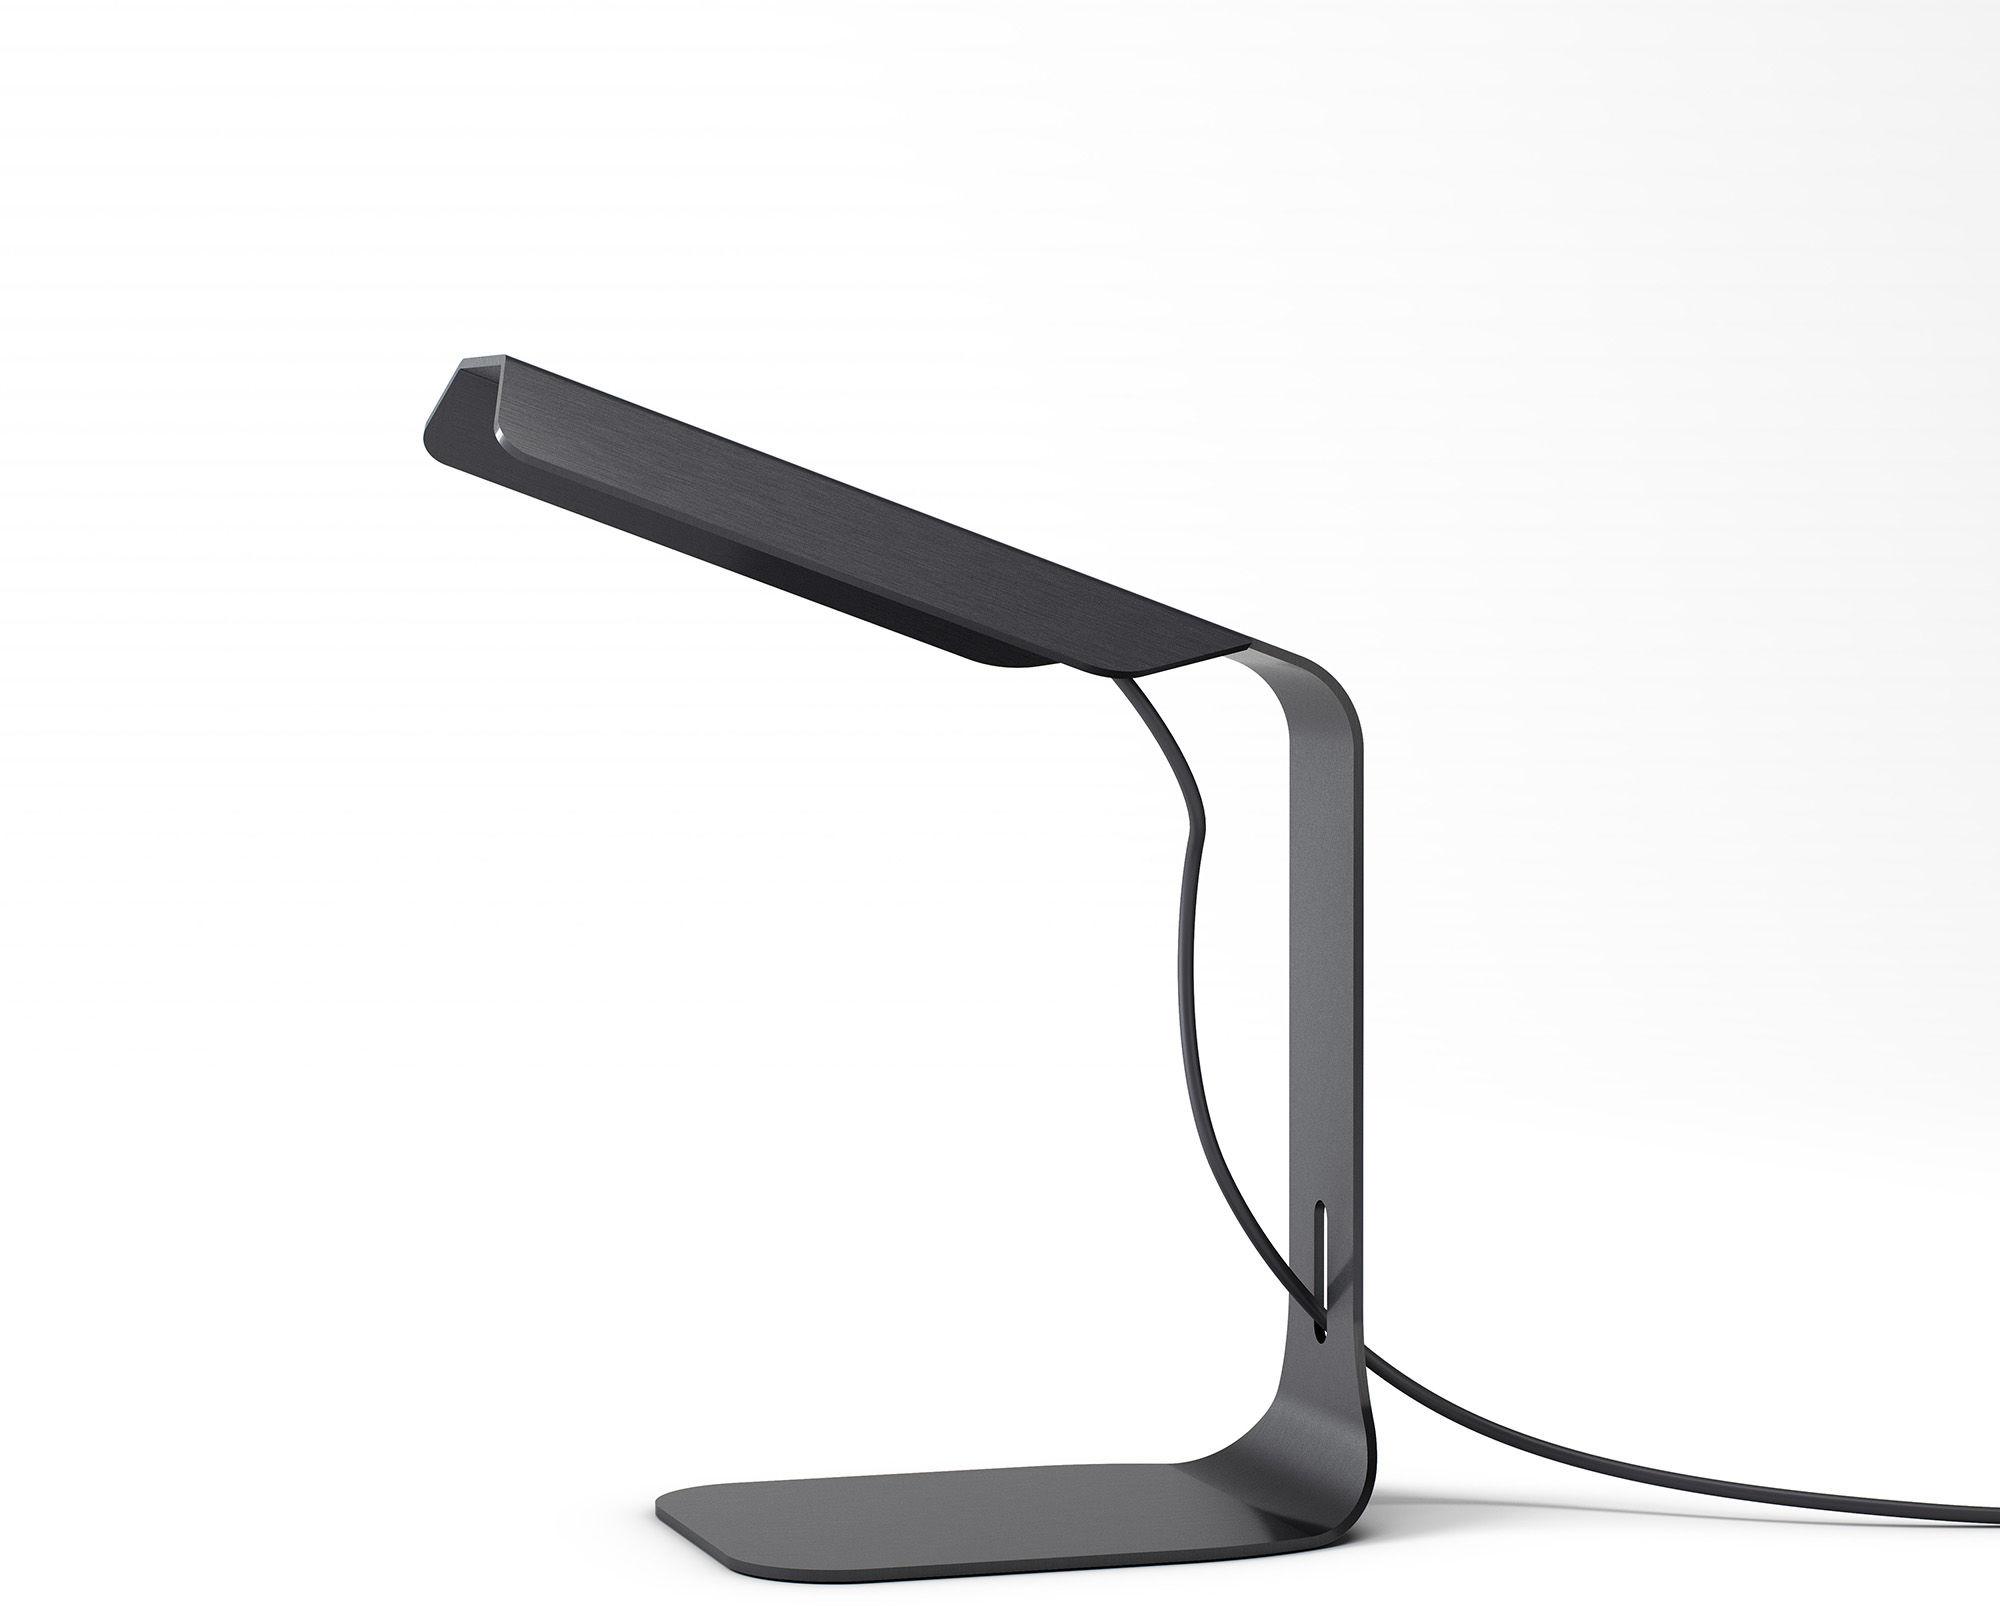 Lampa biurkowa Folio M-3245 Estiluz czarna oprawa w stylu design